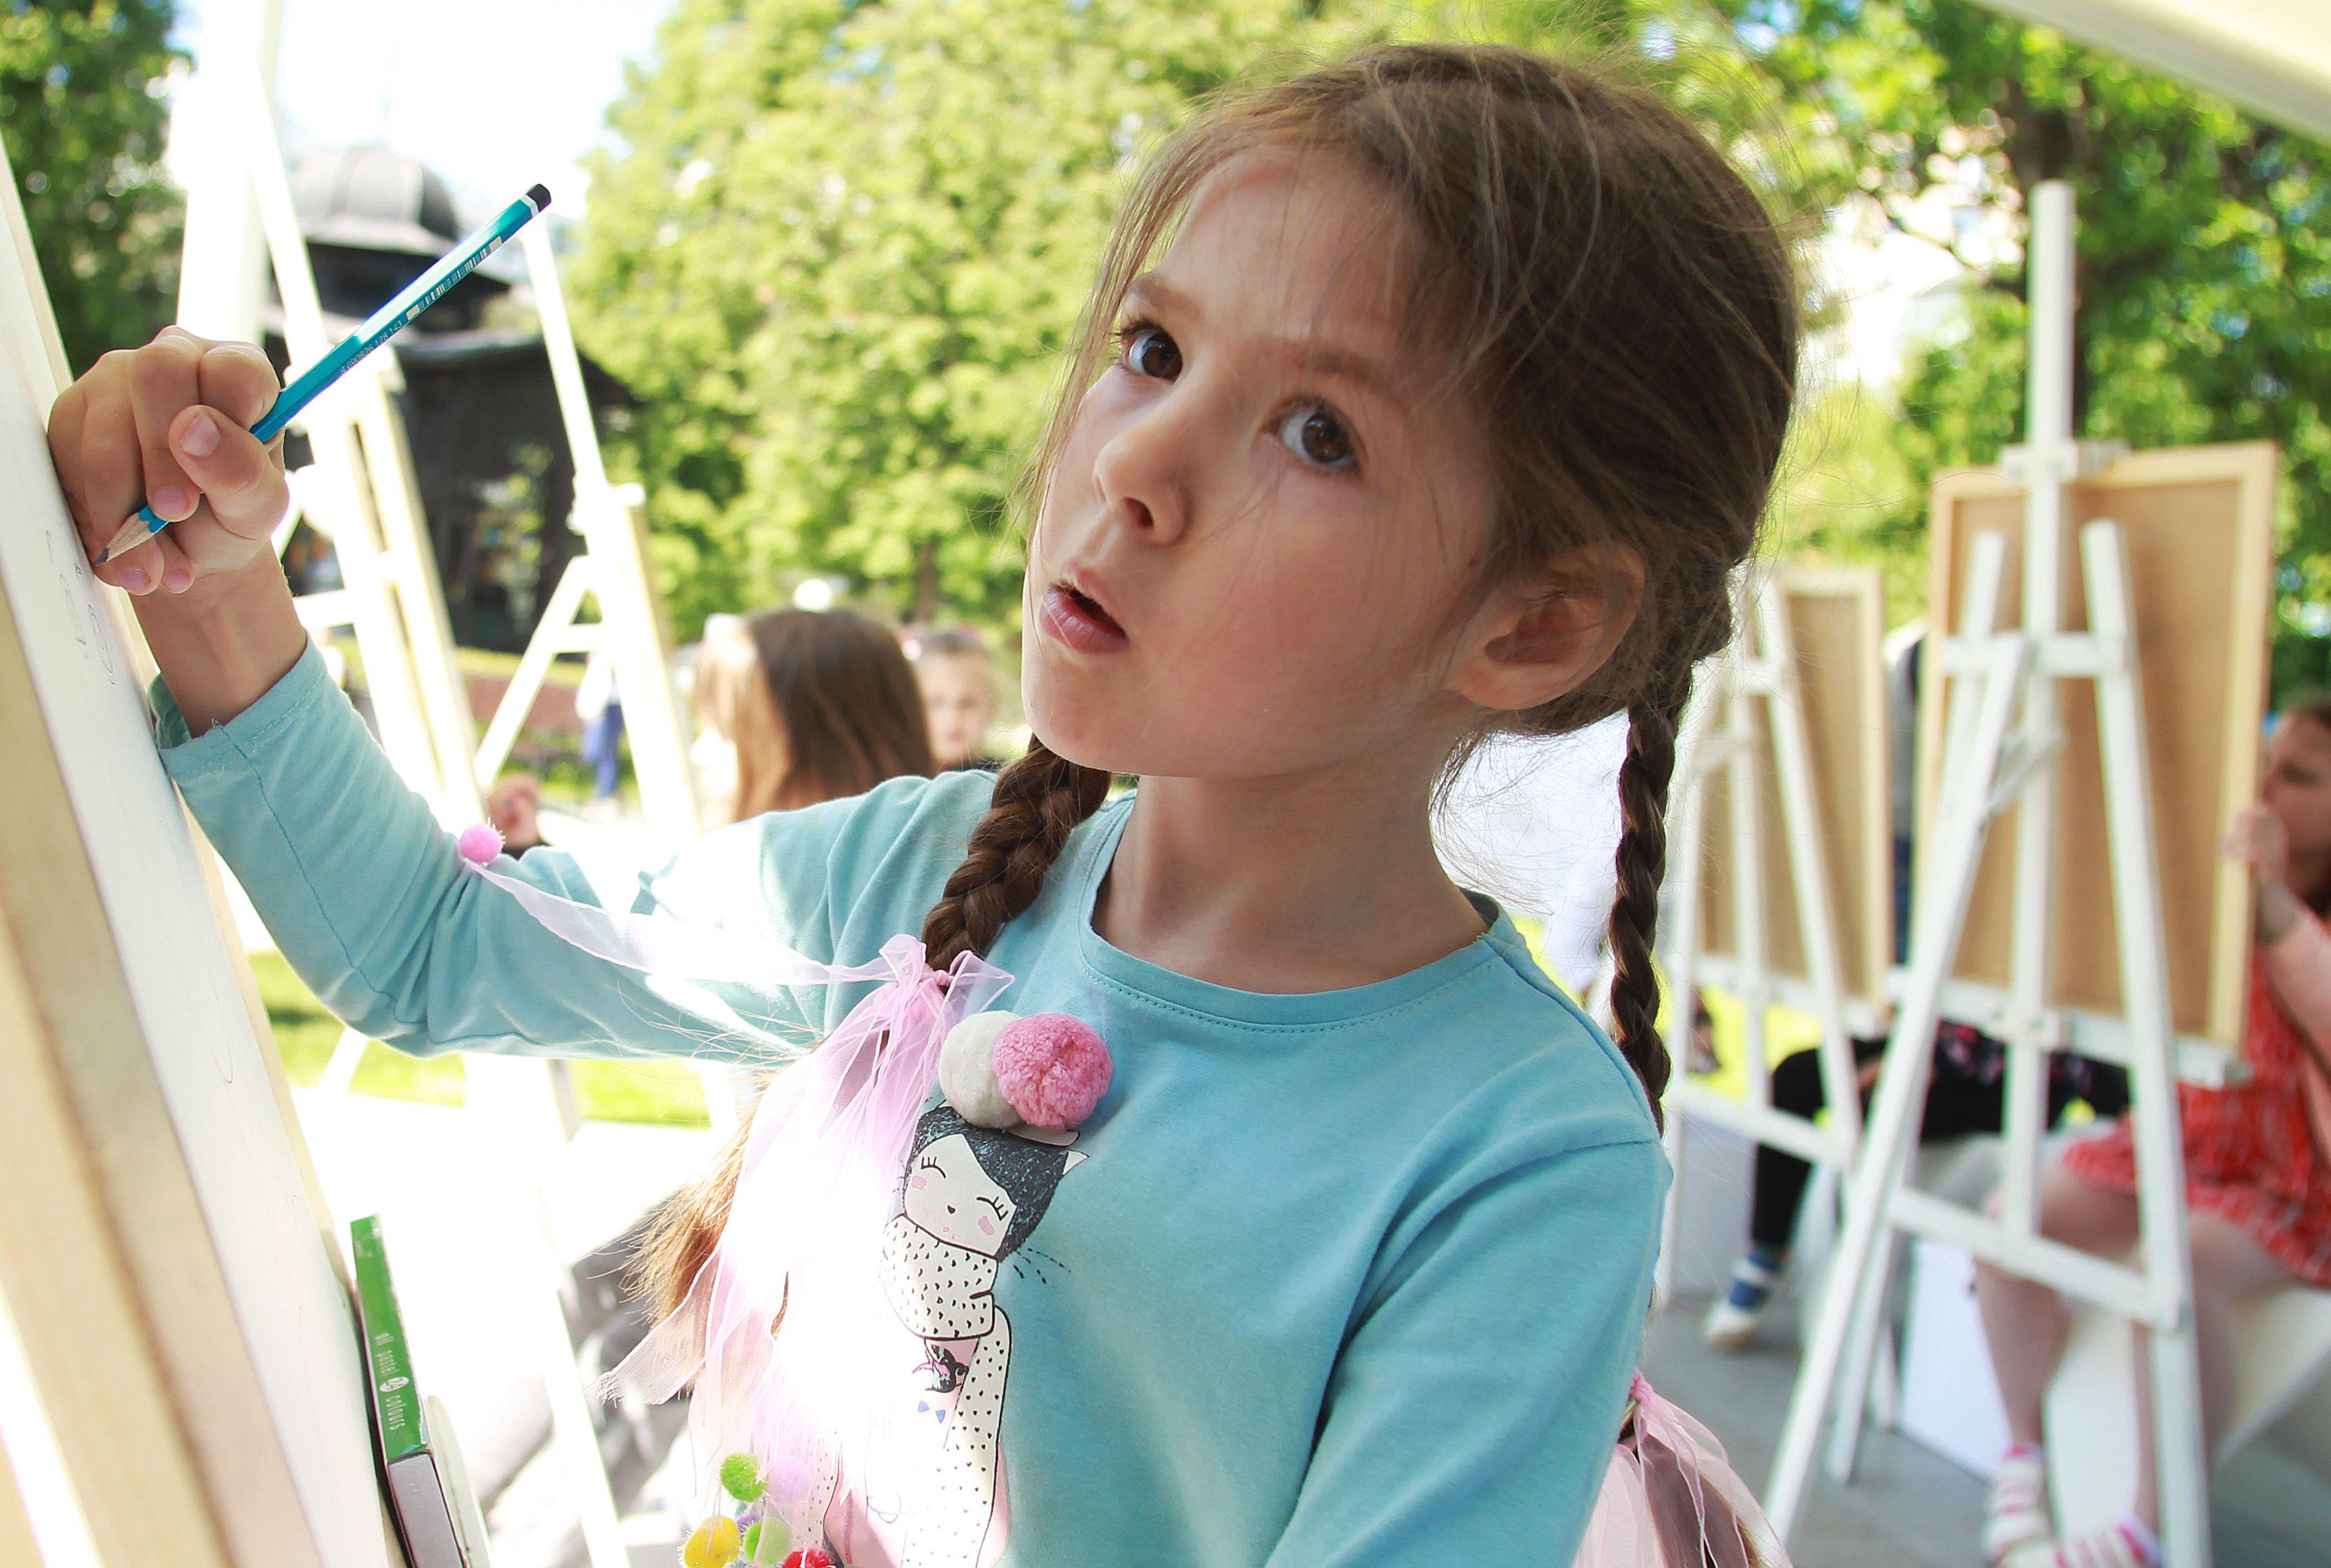 Юные творцы из Первомайского смогут поучаствовать в конкурсе. Фото: Наталия Нечаева, «Вечерняя Москва»